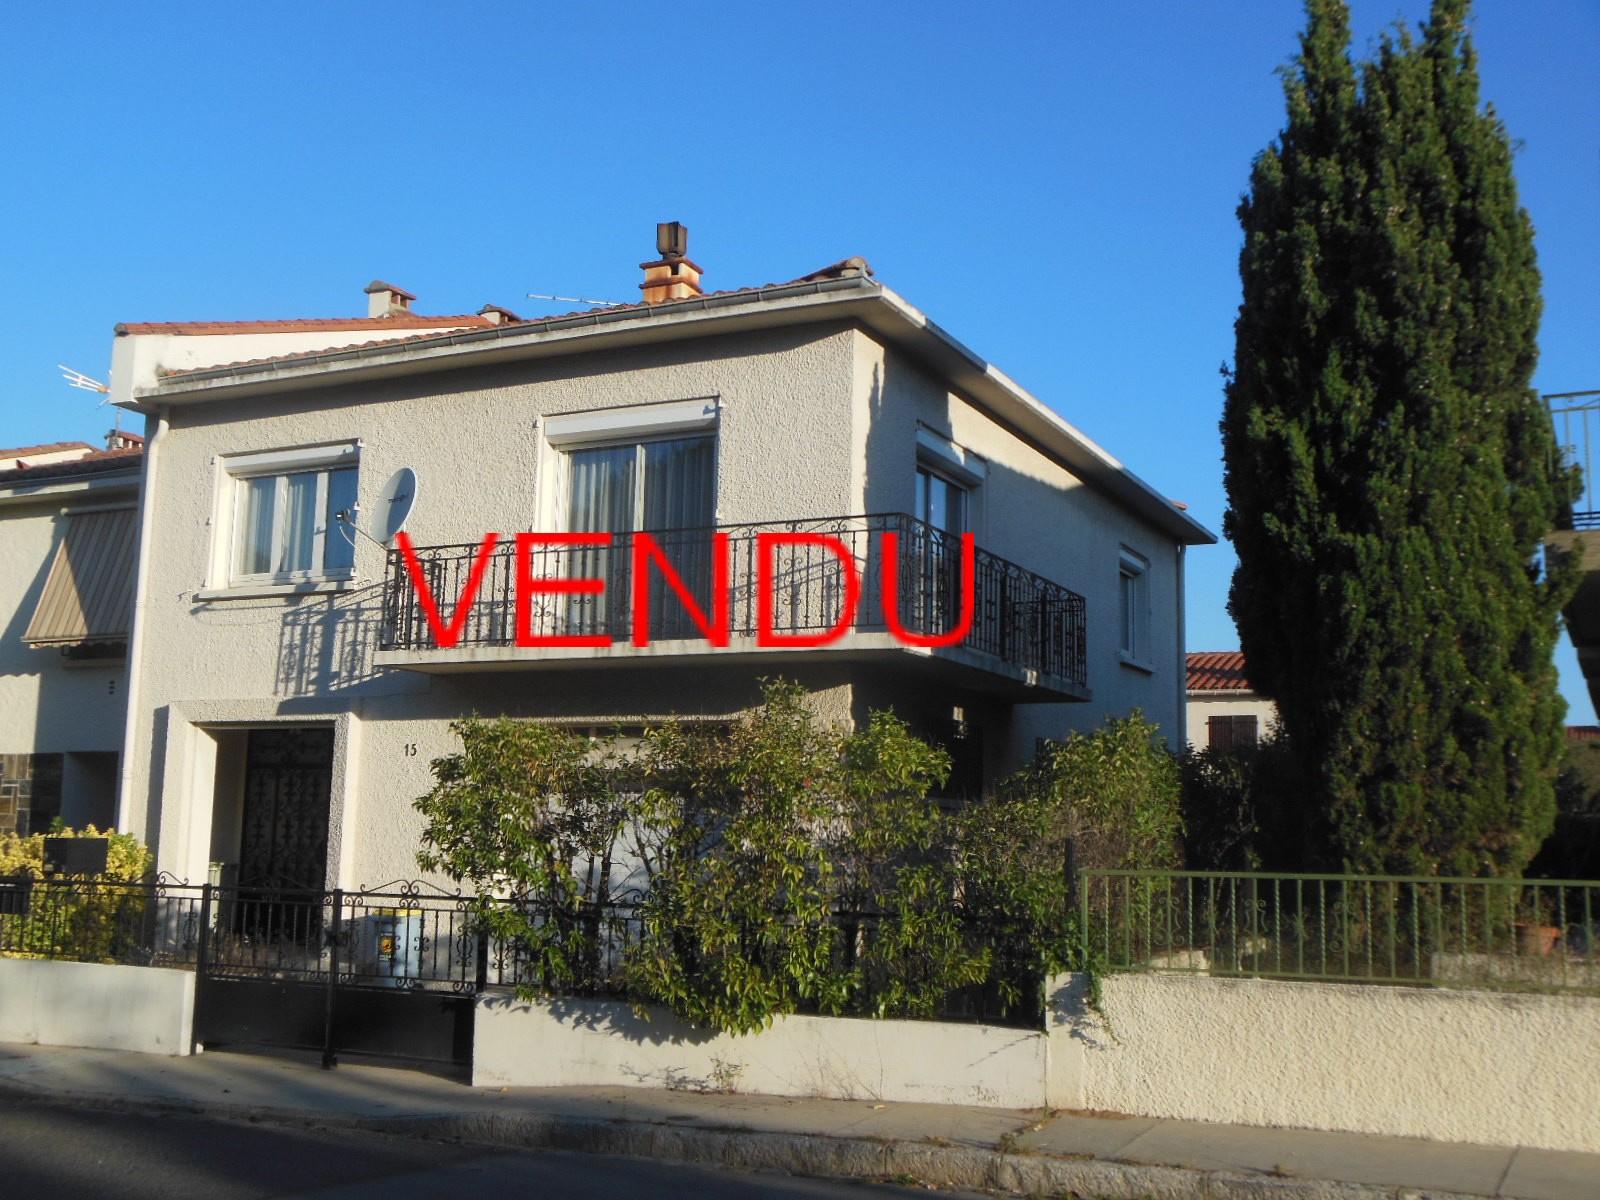 Vente maison perpignan avec l 39 agence concept immo 66 for Constructeur de maison perpignan